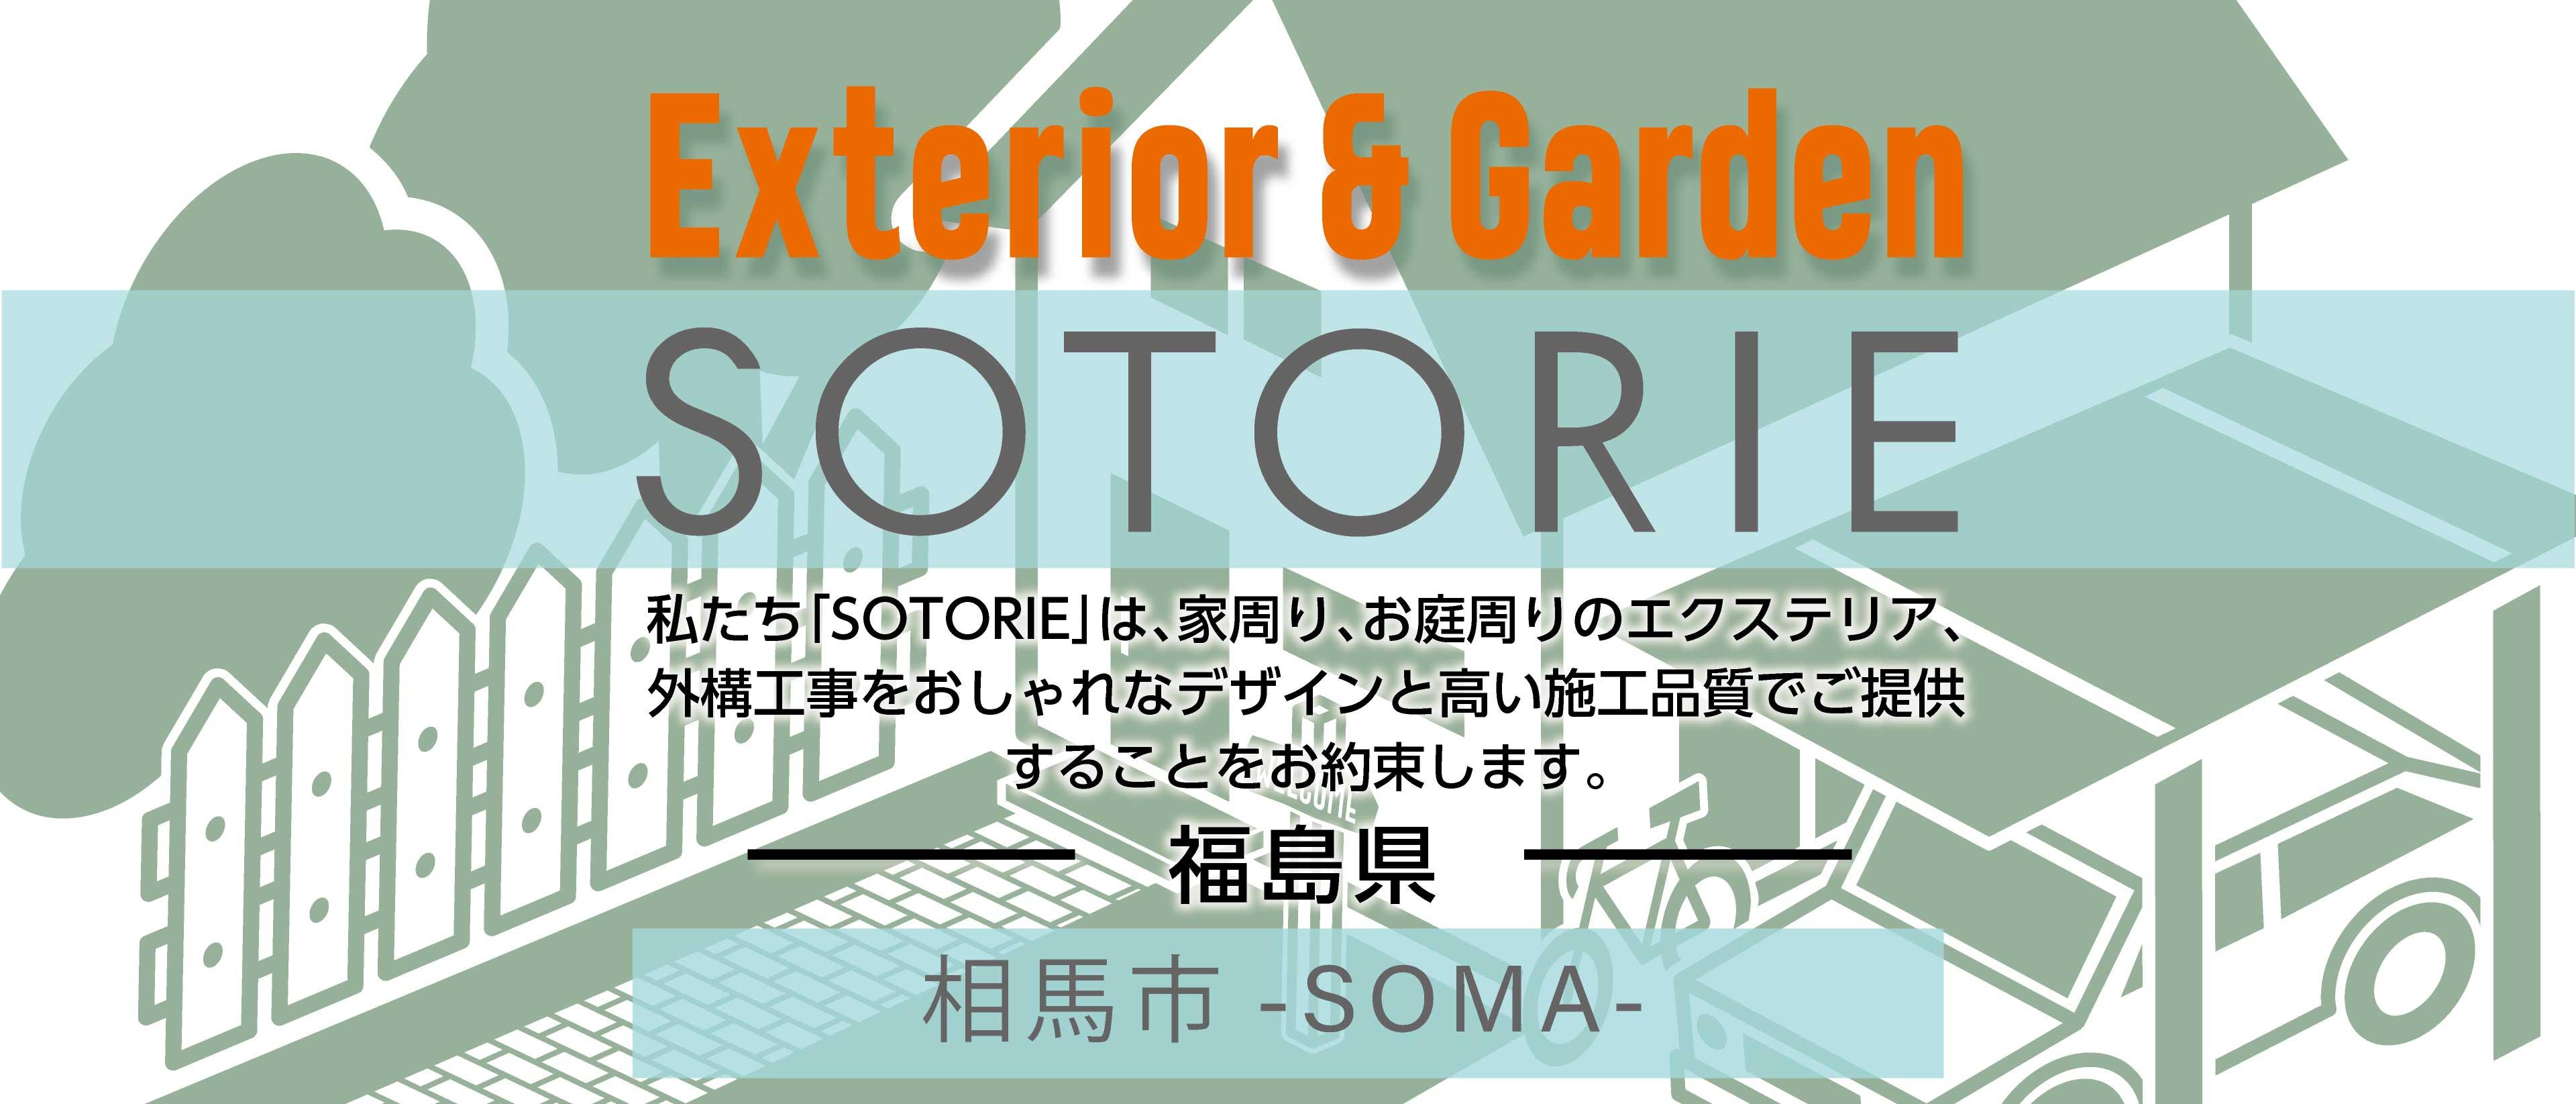 ソトリエ相馬市では、家周りと庭周りの外構、エクステリア工事をおしゃれなデザインと高い施工品質でご提供することをお約束します。